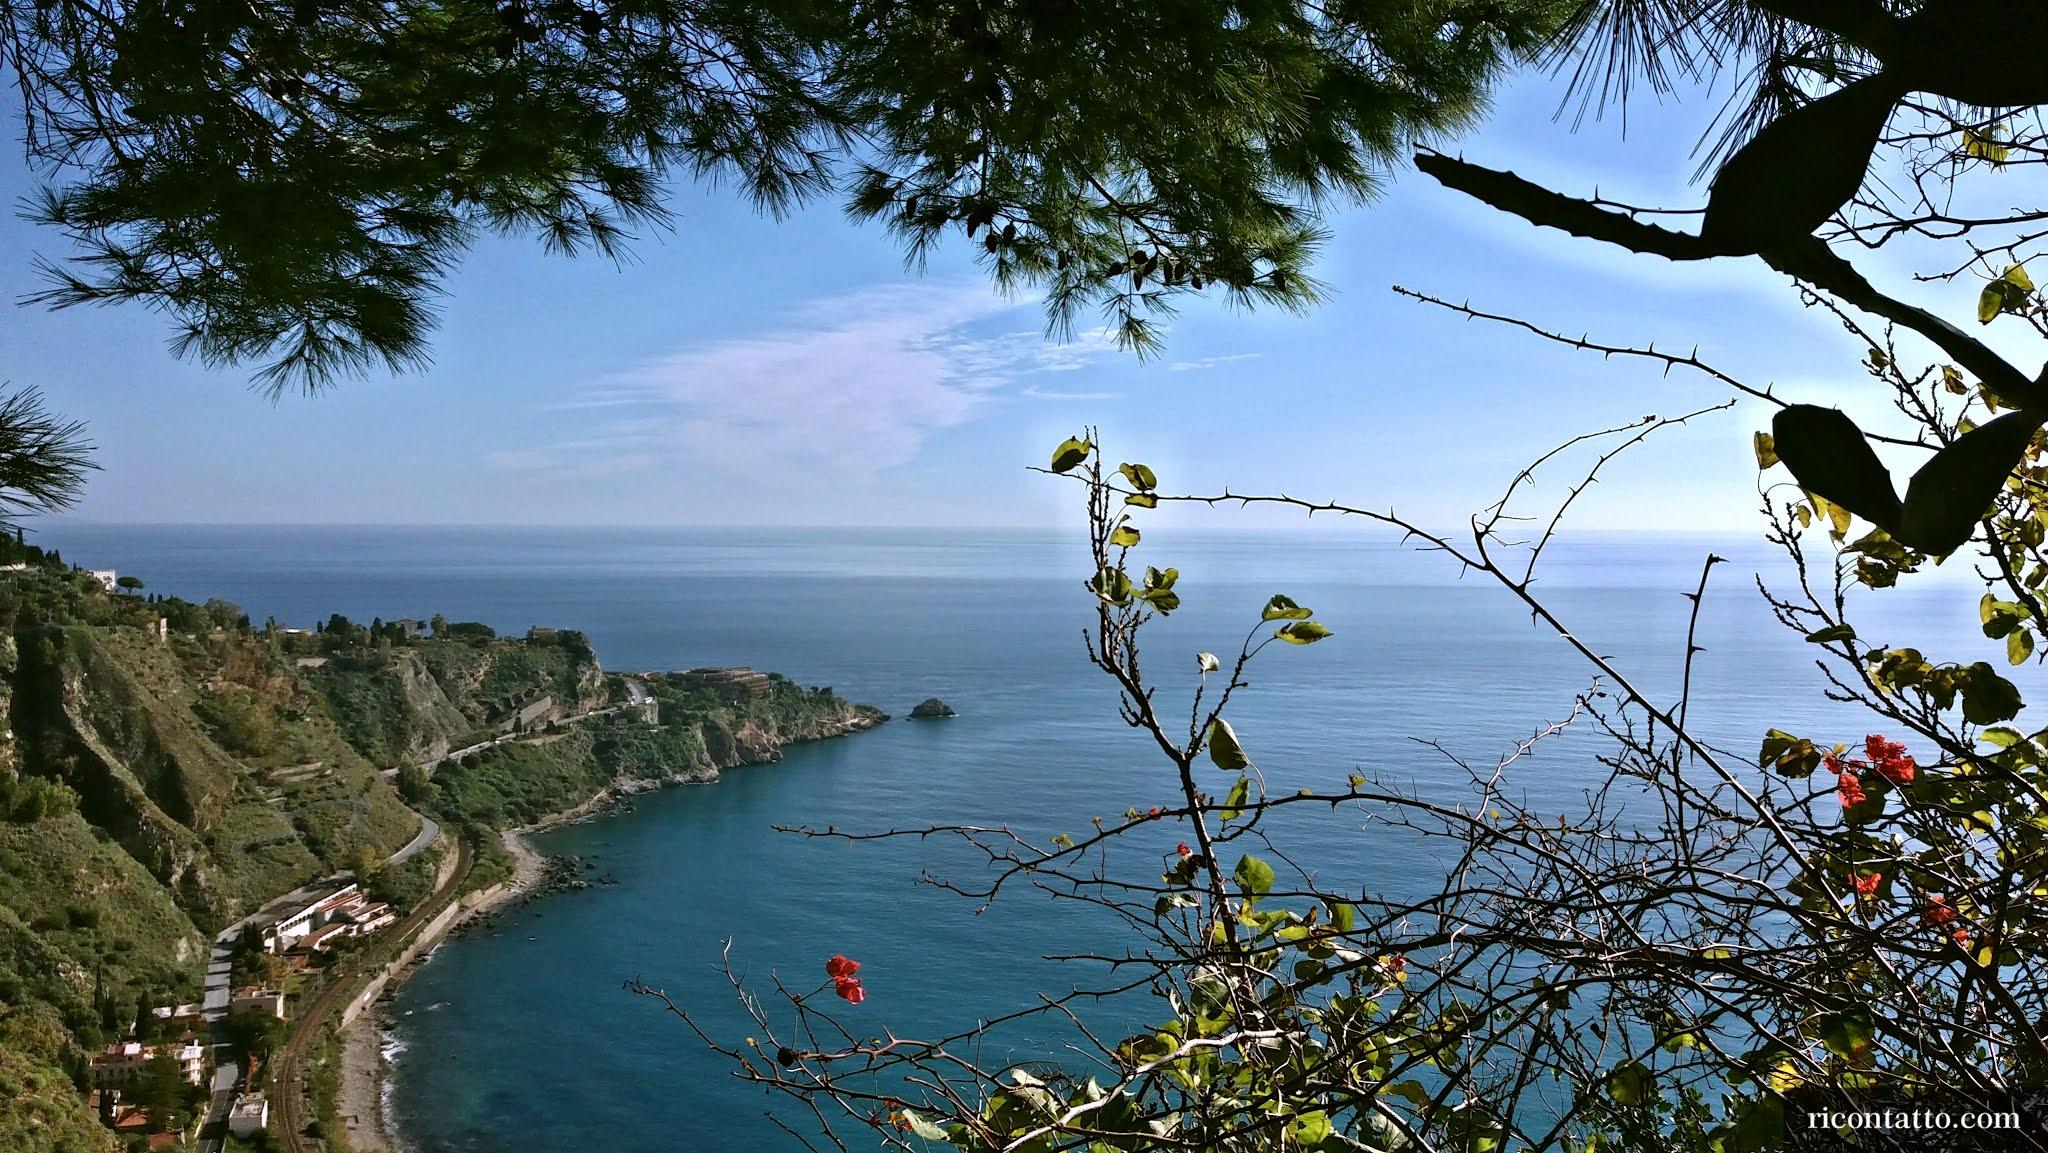 Taormina, Sicilia, Italy - Photo #20 by Ricontatto.com